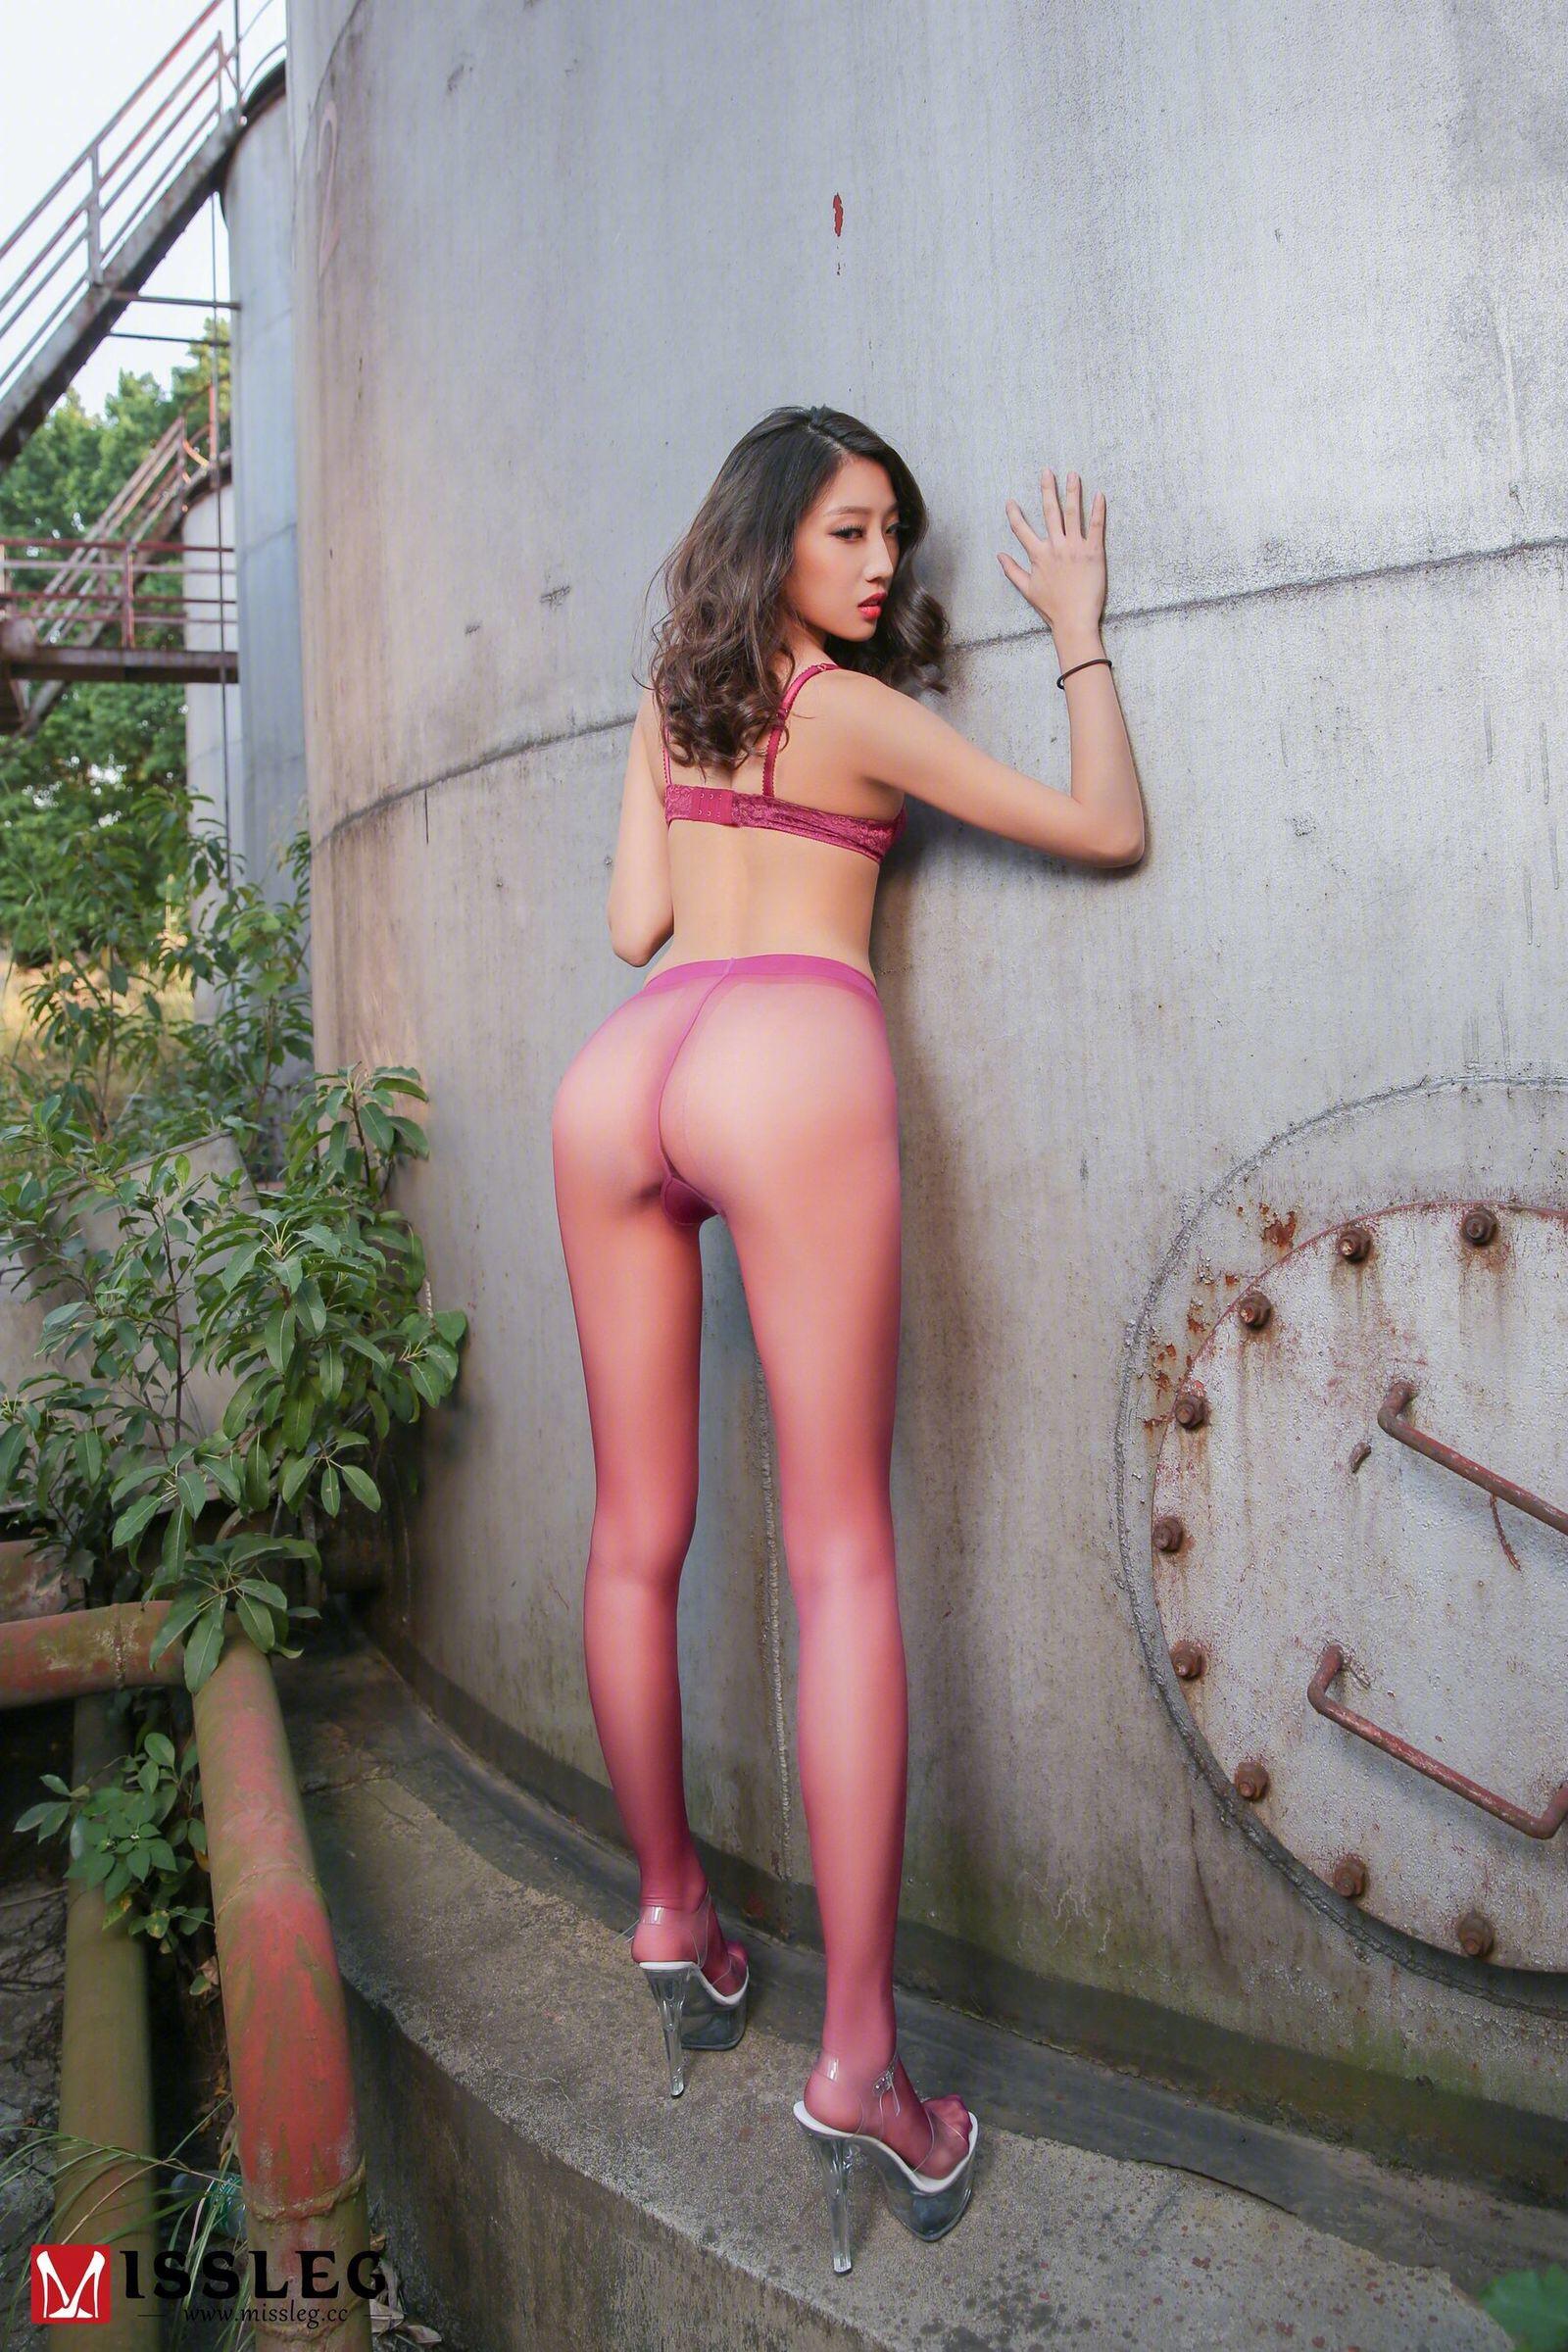 凌宝儿(蜜丝MISSLEG) 15